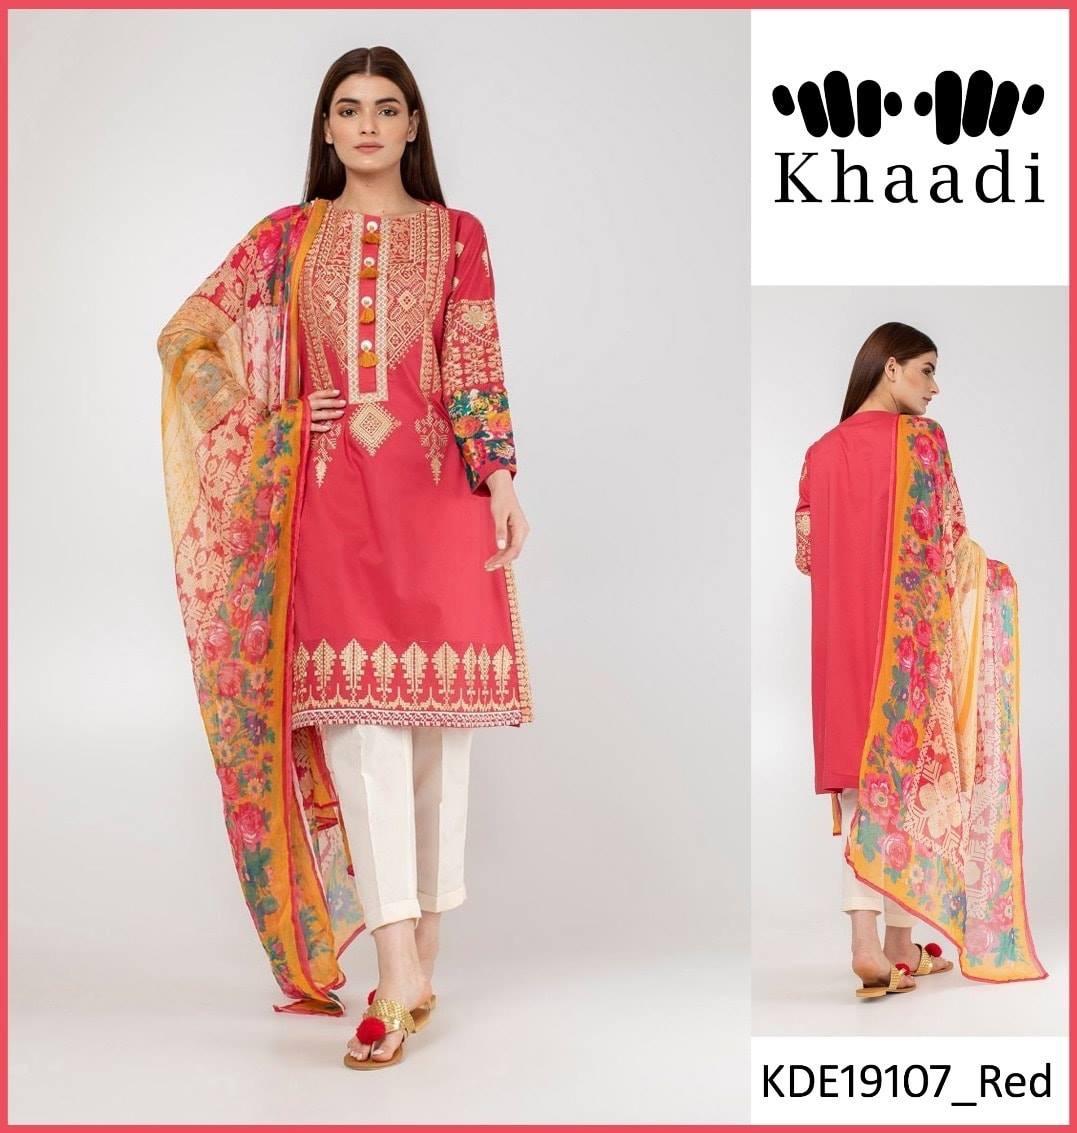 Khaadi Dresses Online